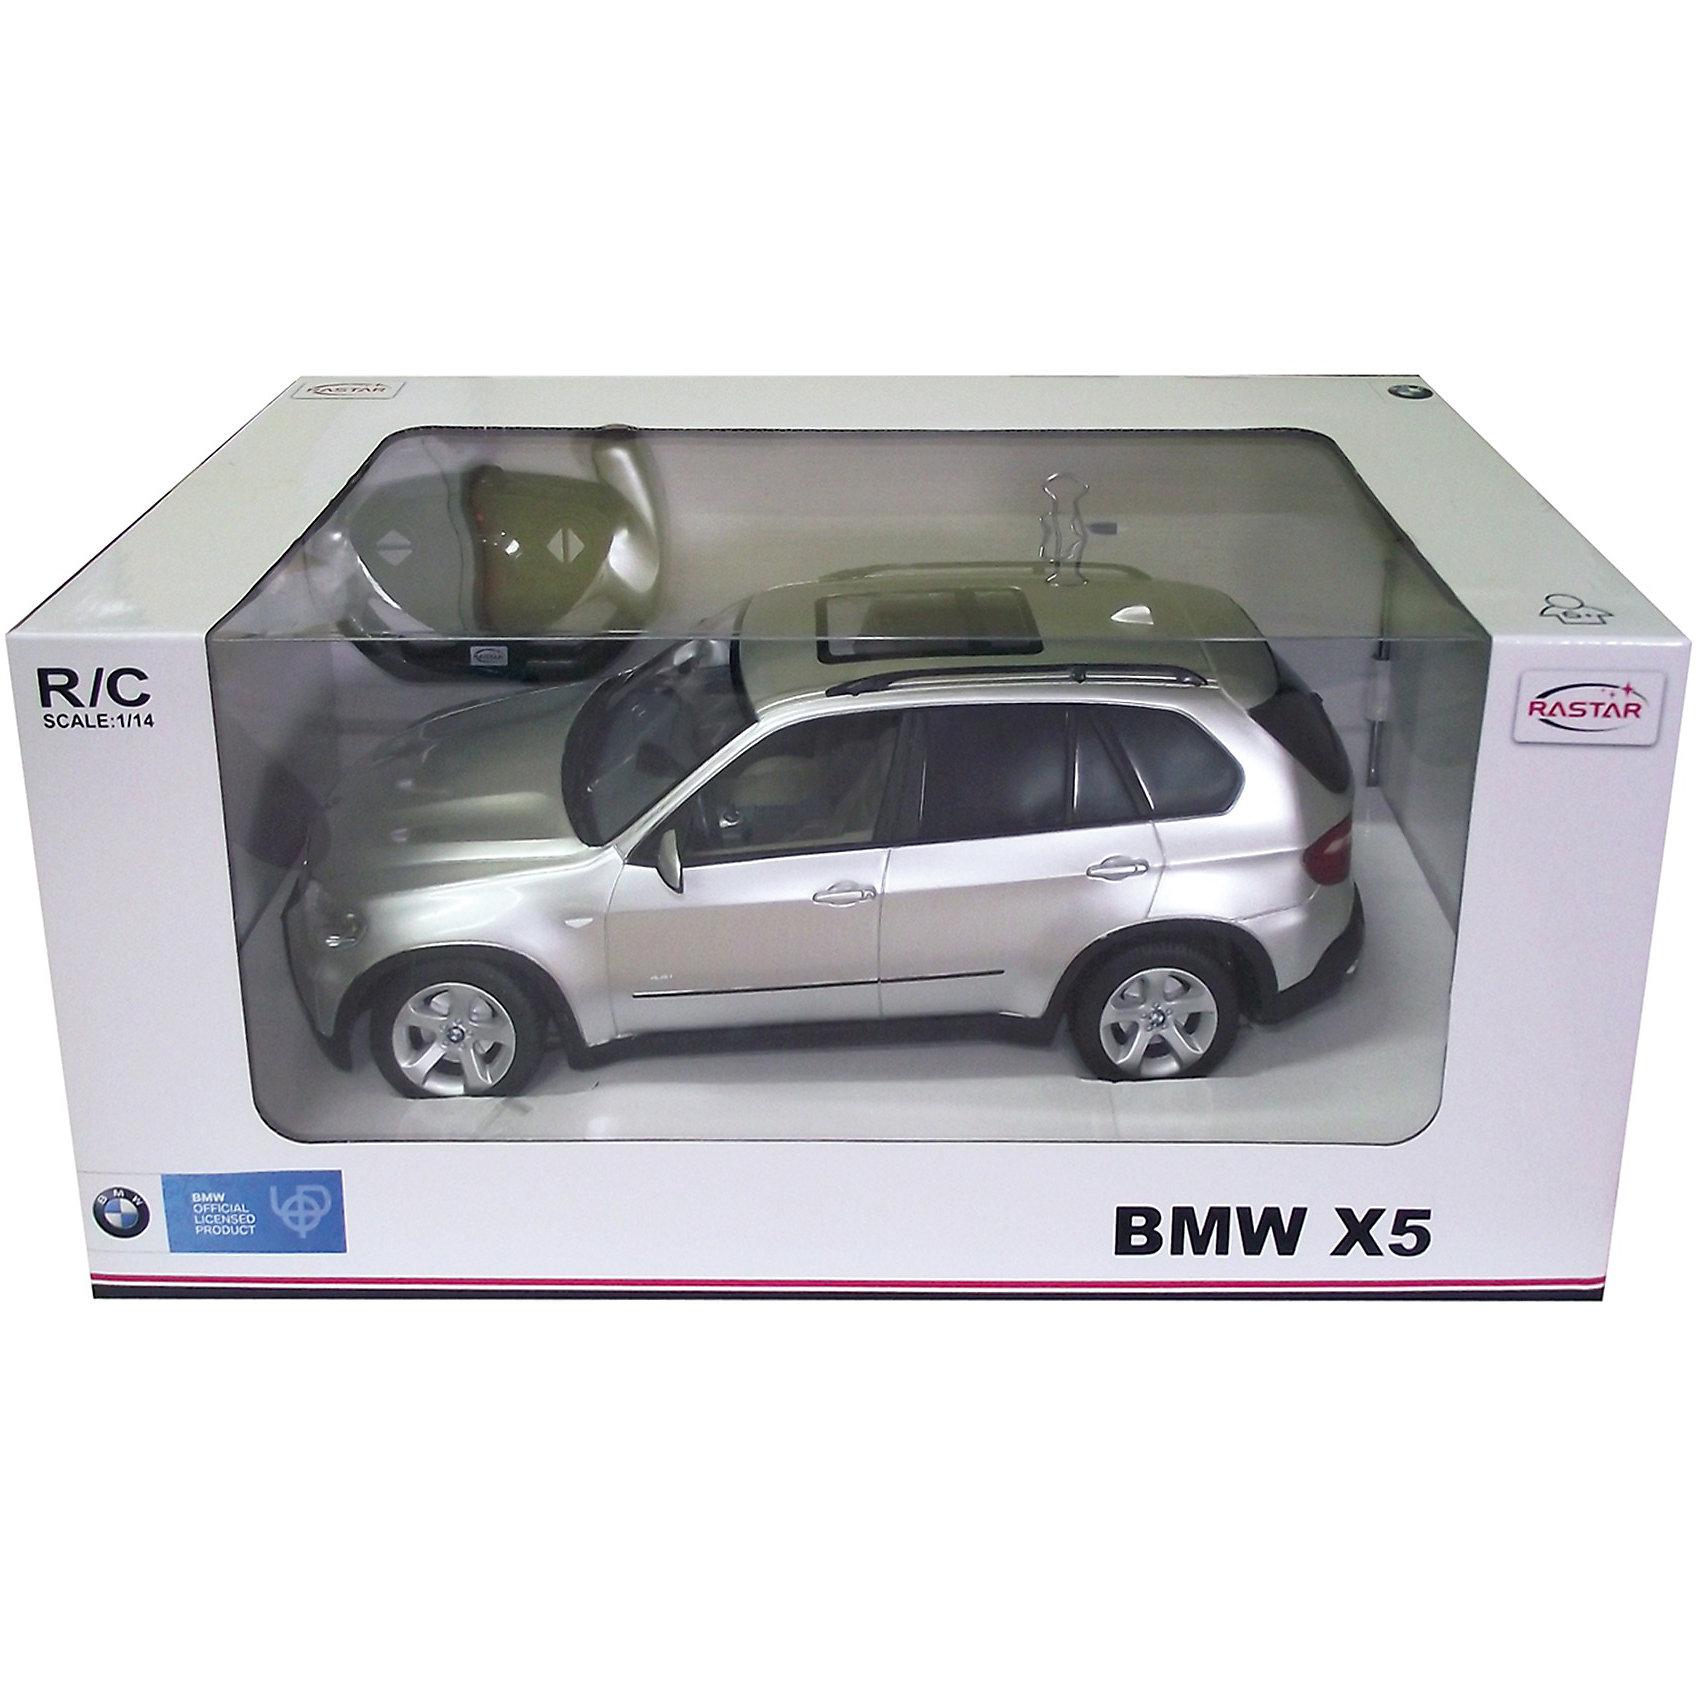 RASTAR Радиоуправляемая машина BMW X5 1:14RASTAR Радиоуправляемая машина BMW X5 1:14 - игрушка, которая наверняка приведет в восторг вашего ребенка, ведь эта радиоуправляемая машина - уменьшенная копия настоящего БМВ! <br><br>Модель выполнена в масштабе 1:14.<br><br>Особенности игрушки:<br><br>- Работает на частоте: 27MHz; <br>- Движение вперед, назад, вправо, влево; <br>- Контроль управления: 15 - 45 метров; <br>- Развивает скорость до: 7 км/ч; <br>- Светятся фары. <br><br><br>Дополнительная информация:<br><br>- Для работы требуются батарейки: 5 Х АА (не входят в комплект).<br>- Материалы: пластик.<br>- Размер упаковки: 43х22,5х19,5 см.<br>- Вес: 1330 г.<br><br>Ширина мм: 430<br>Глубина мм: 225<br>Высота мм: 195<br>Вес г: 1330<br>Возраст от месяцев: 72<br>Возраст до месяцев: 1188<br>Пол: Мужской<br>Возраст: Детский<br>SKU: 2557183